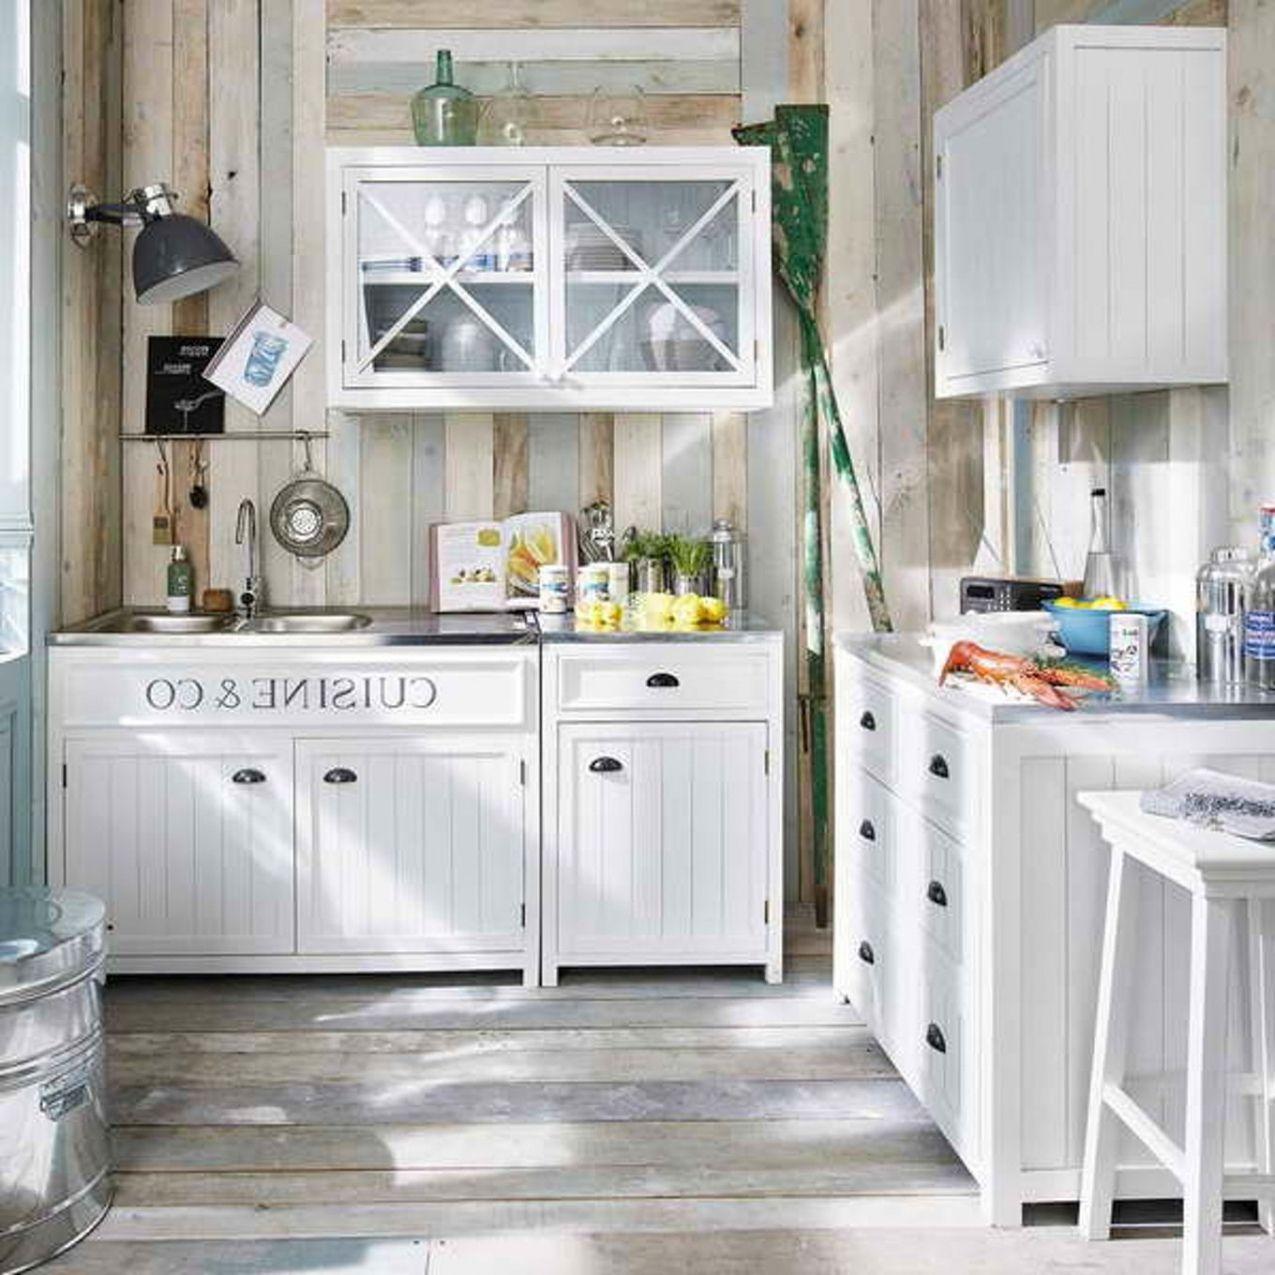 Carrelage Mural Cuisine Ikea 50 porte coulissante salle de bain ikea 2020 | cuisine ikea